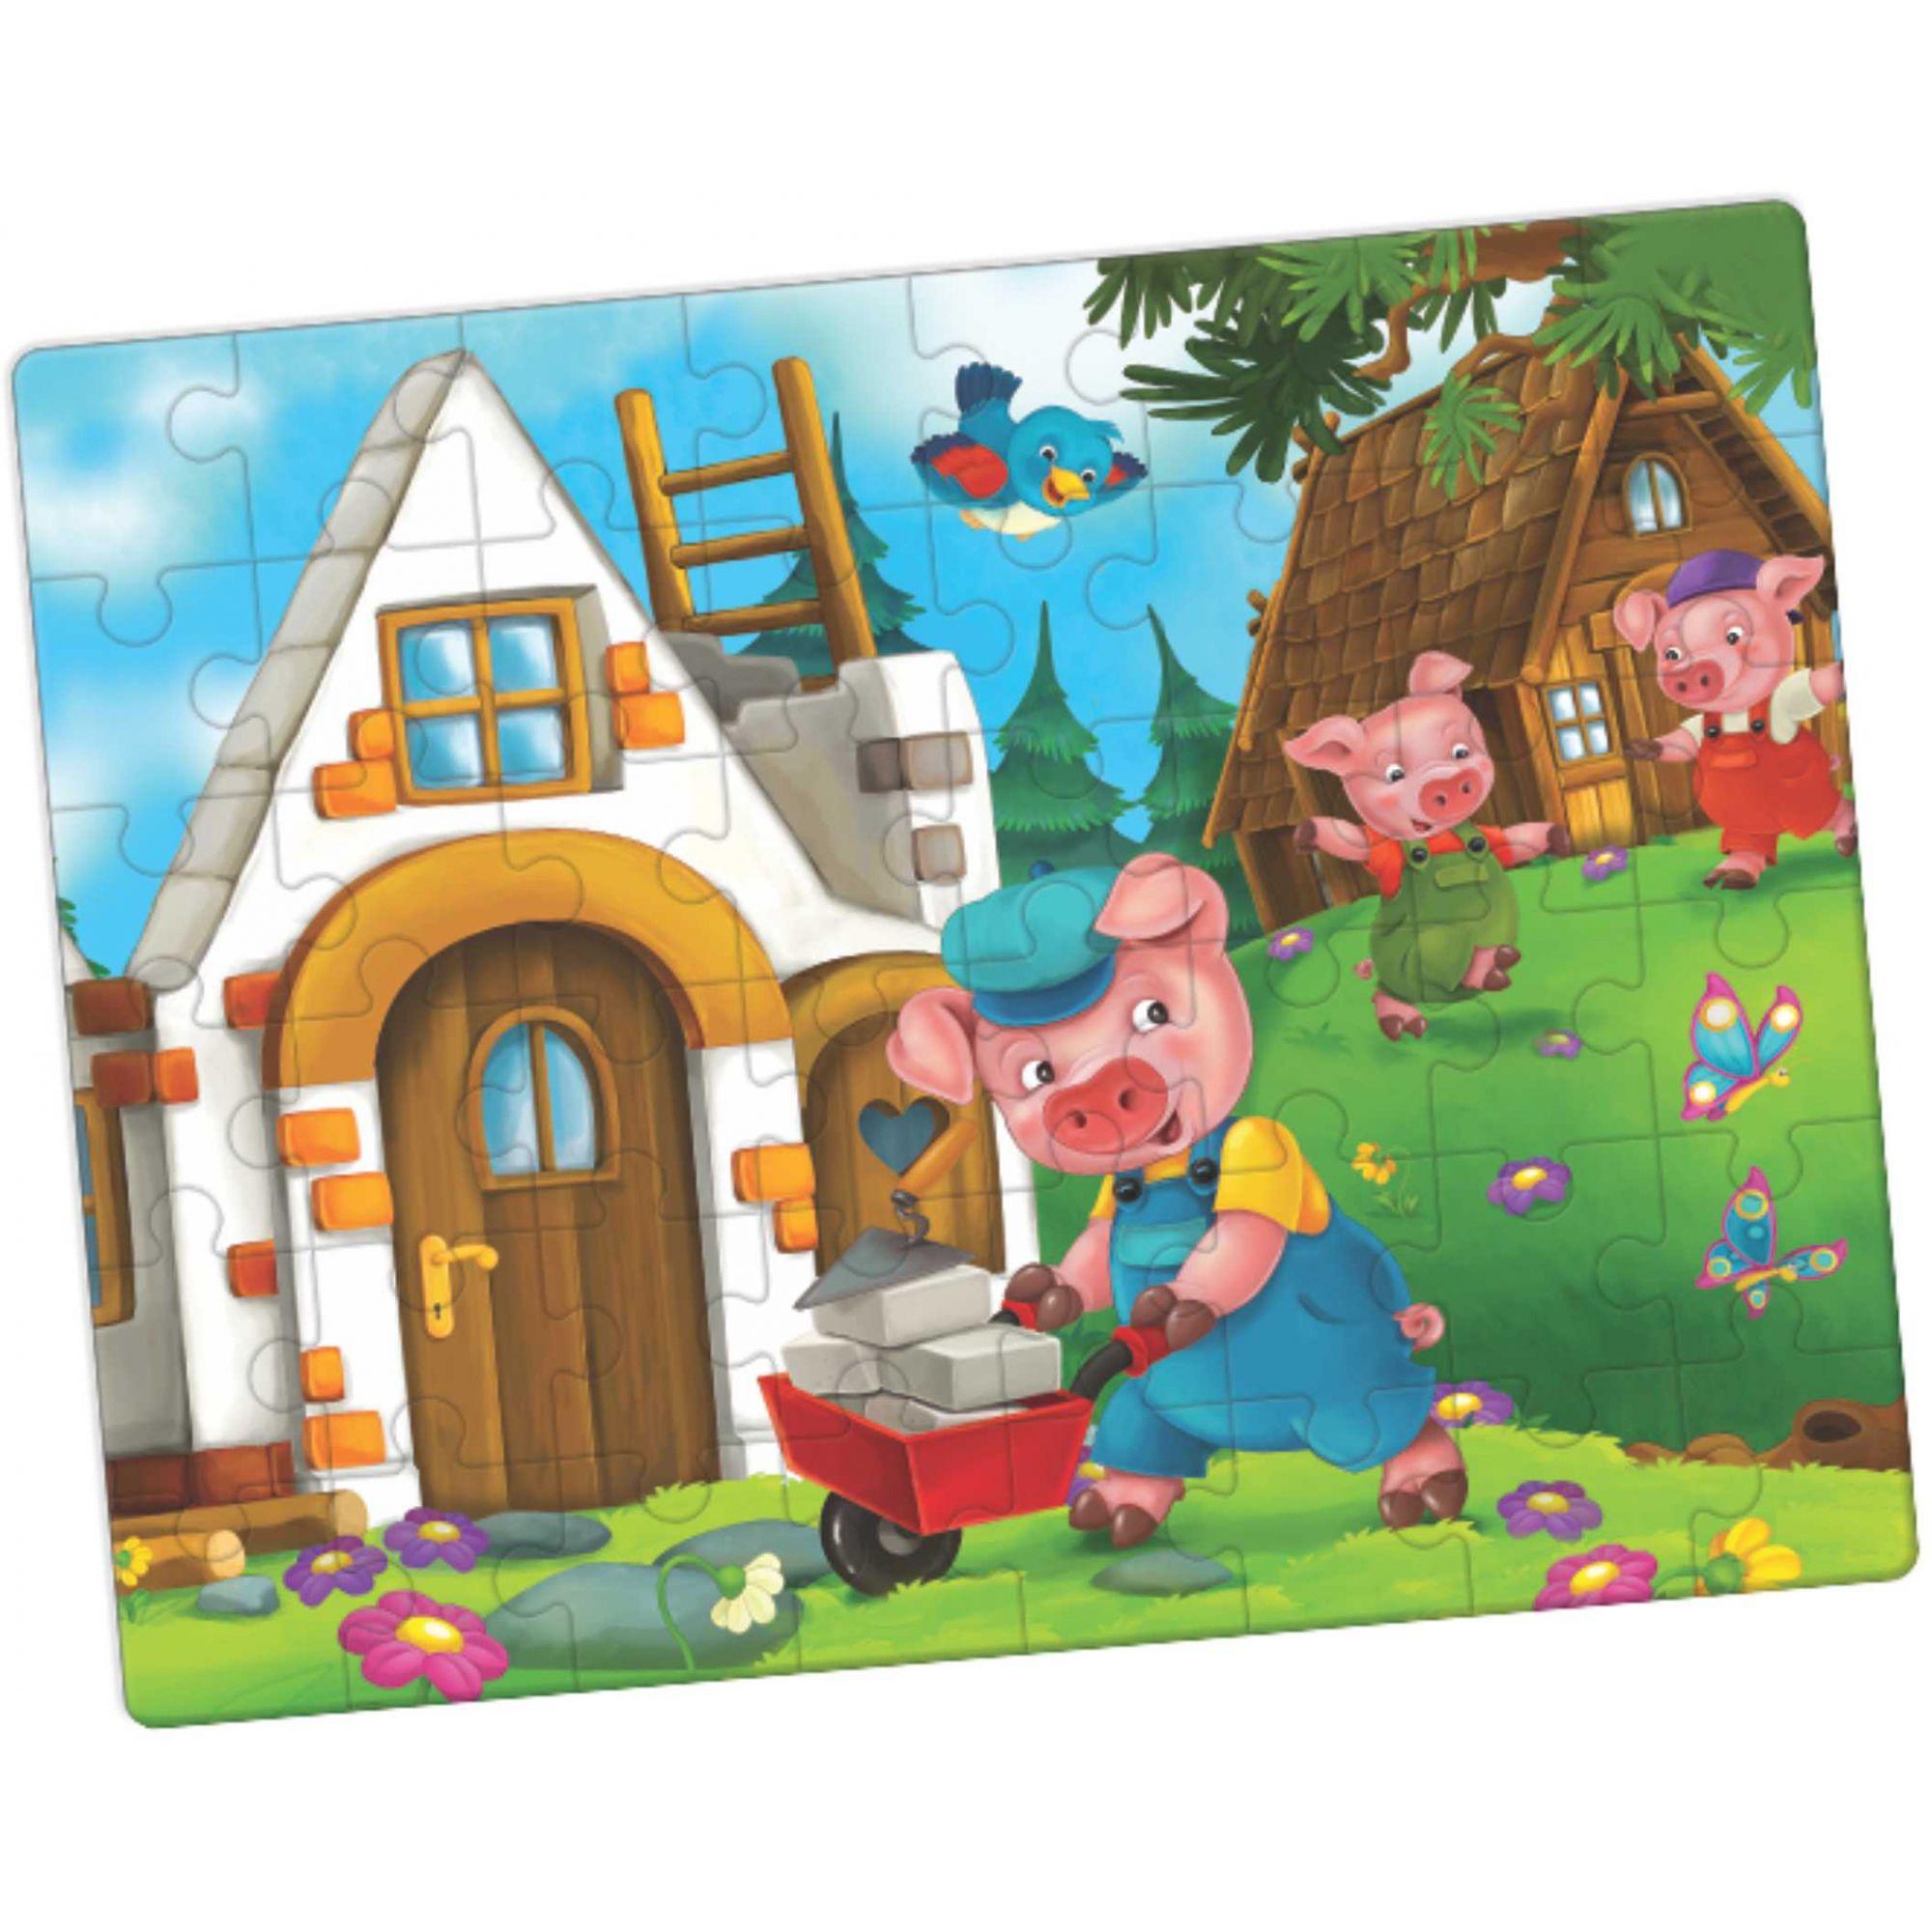 Puzzle dos Três Porquinhos - 24 Peças / Idade + 4 anos.